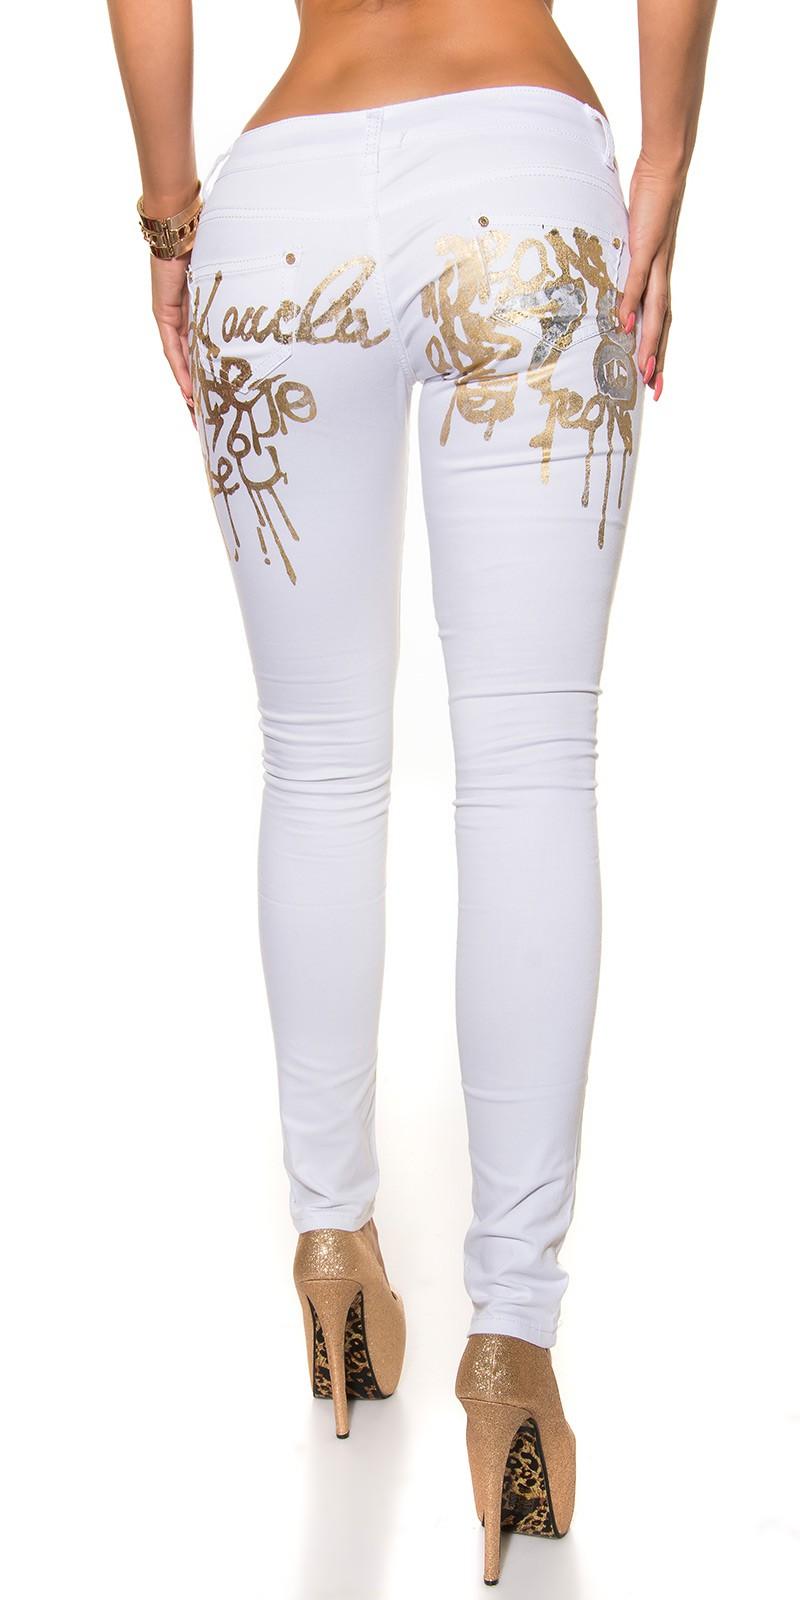 c1c61149616 Bílé dámské kalhoty s nápisem